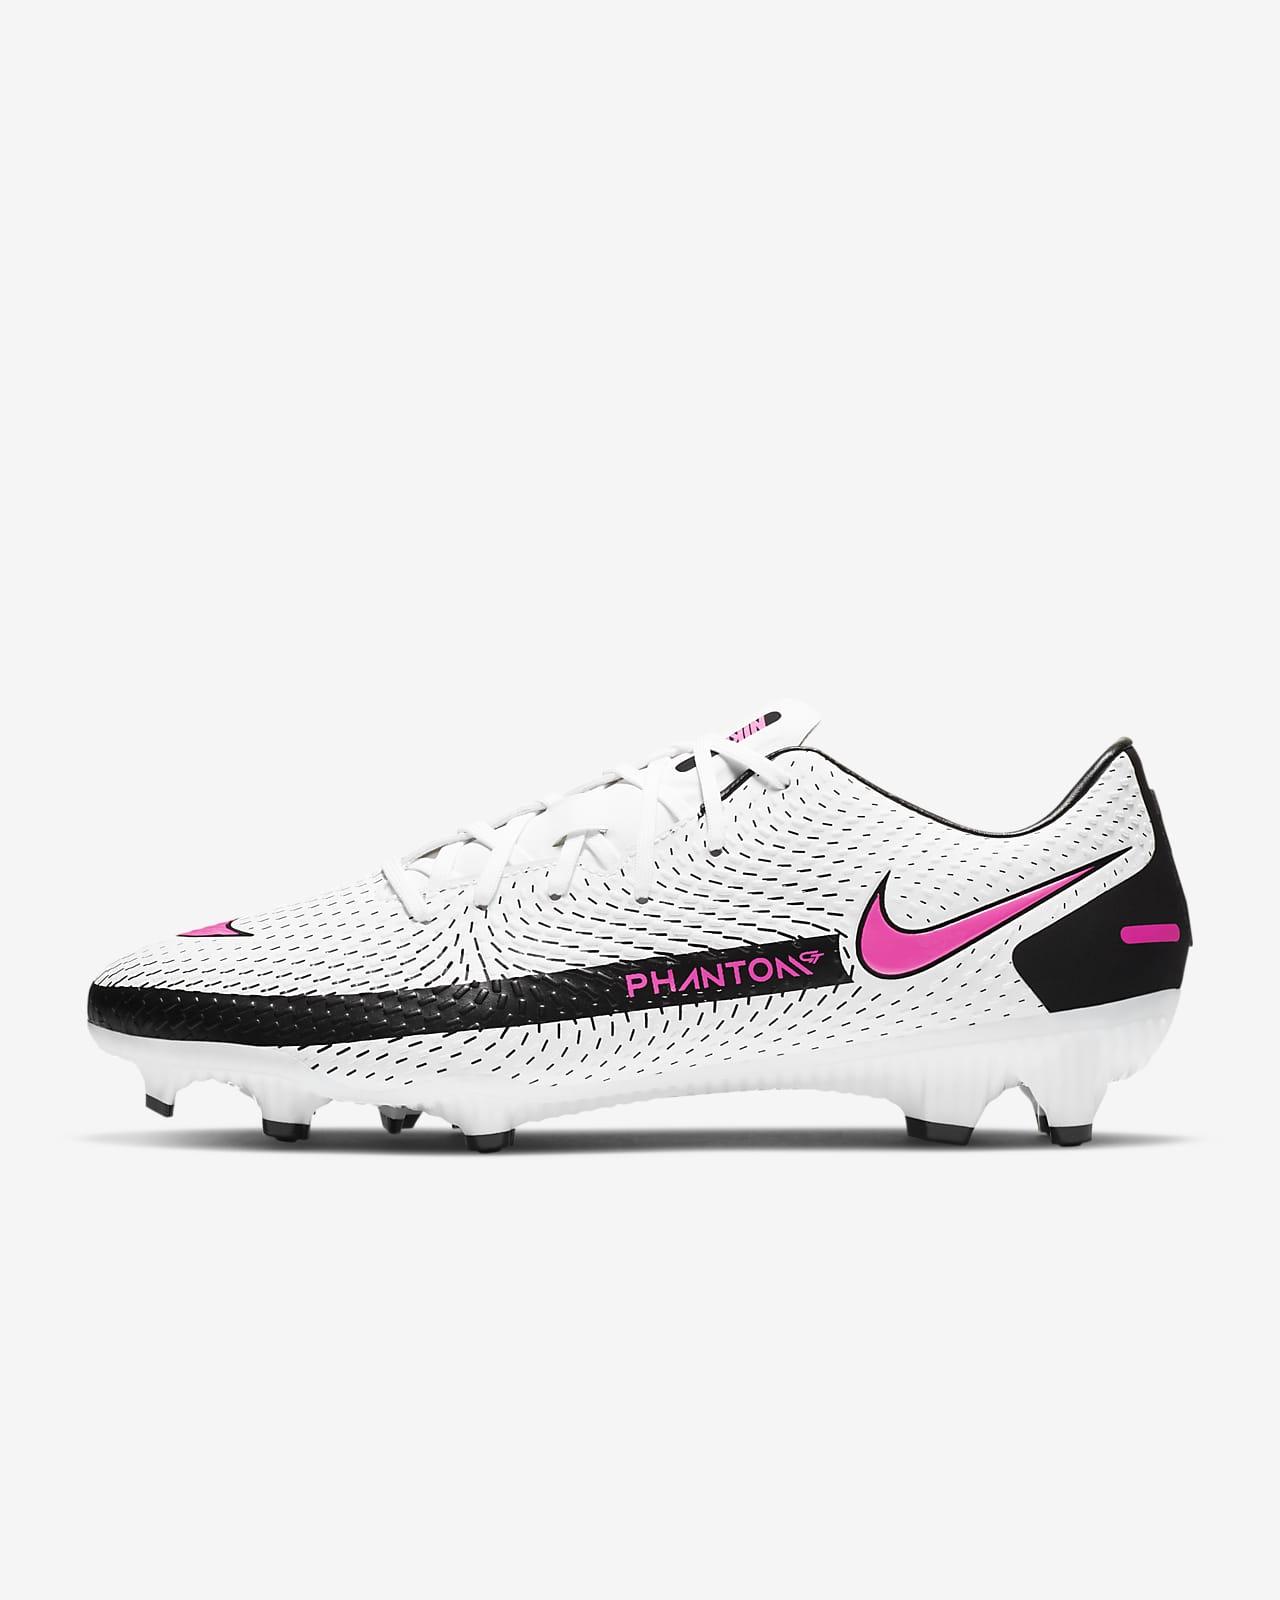 Calzado de fútbol para múltiples superficies Nike Phantom GT Academy MG